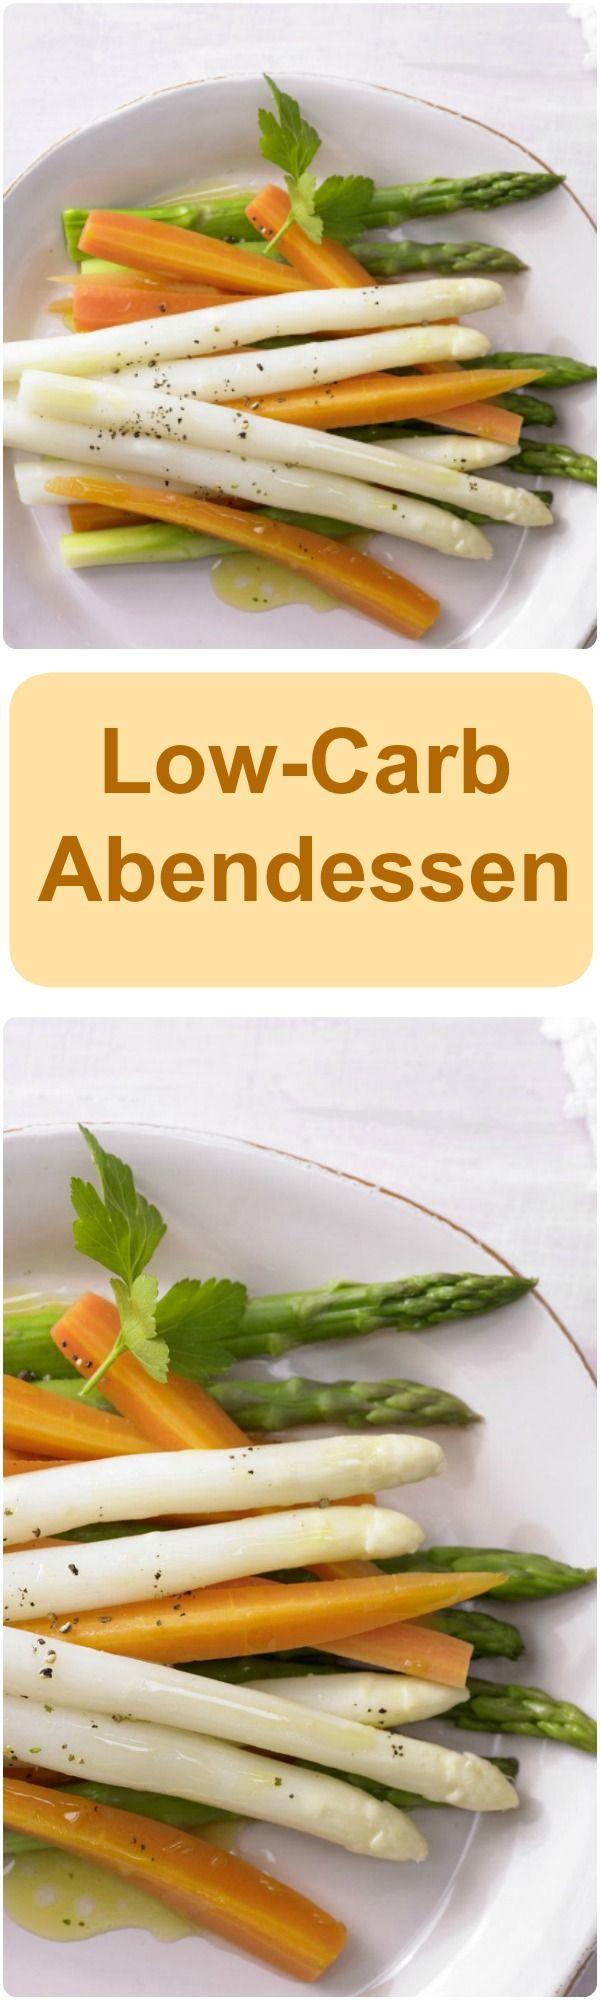 Low-Carb Abendessen - marinierter Spargel mit Möhren schmeckt fantastisch und hat kaum Kalorien.